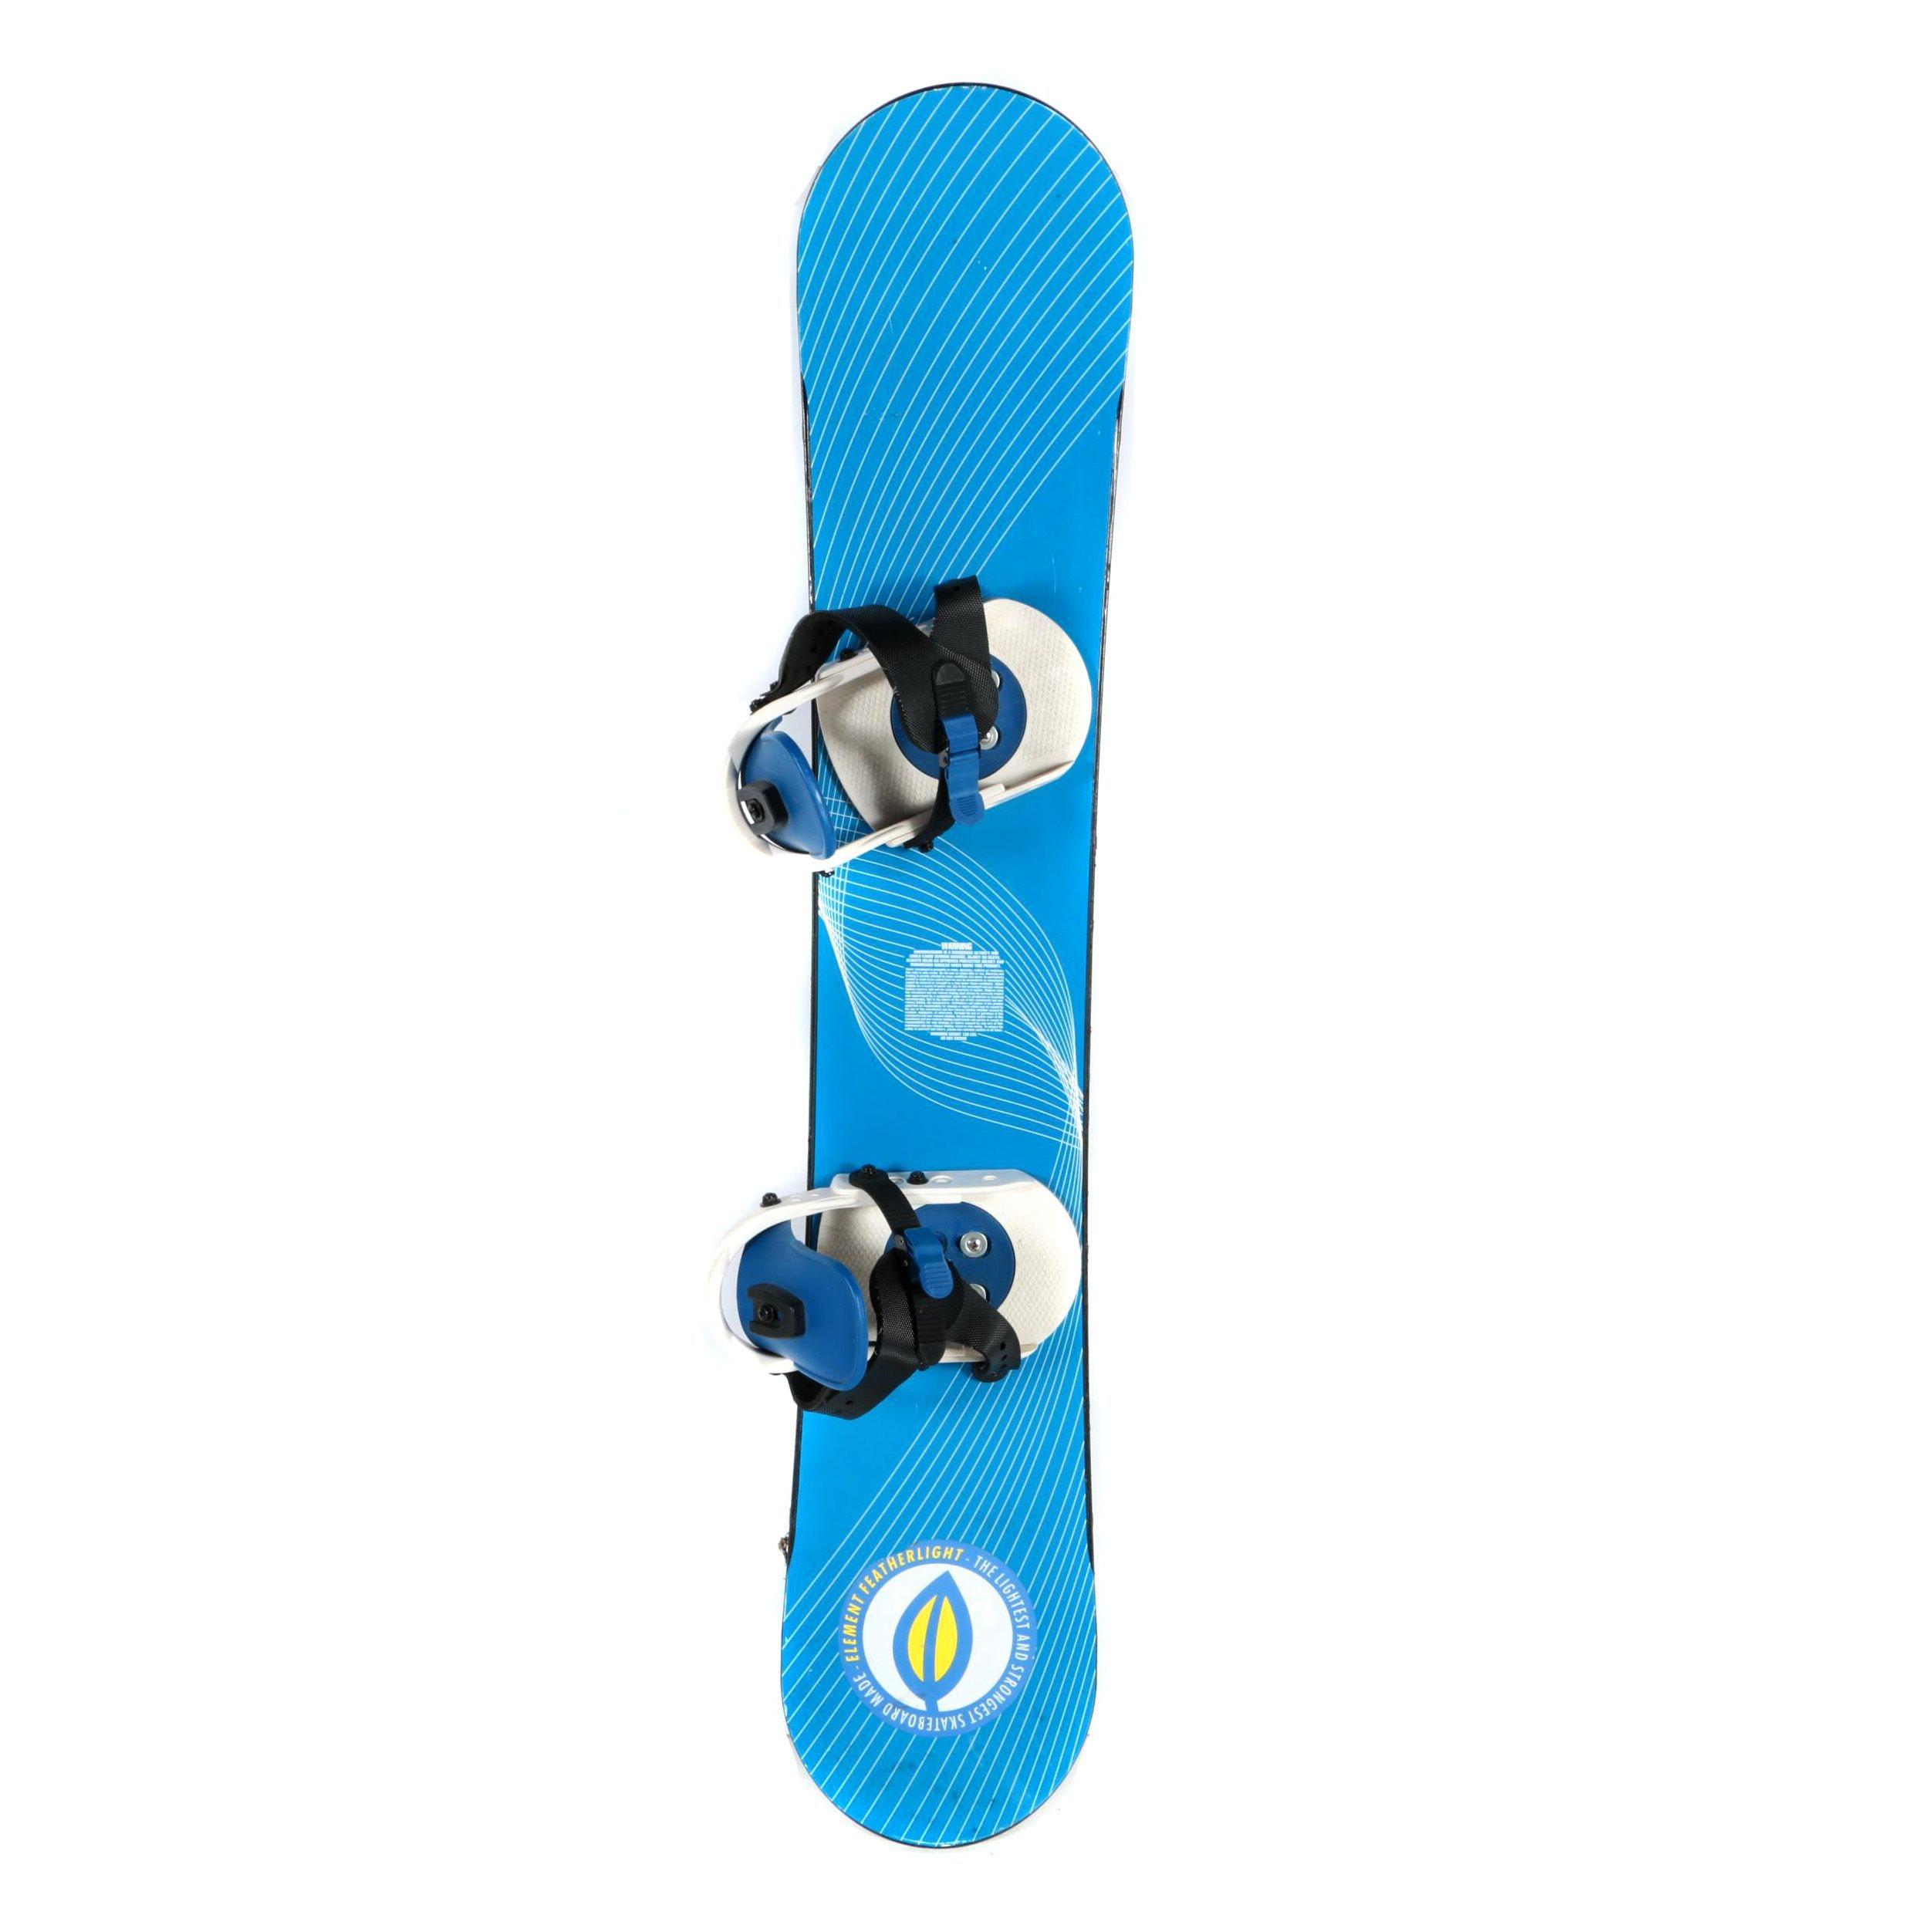 Element Featherlight Snowboard